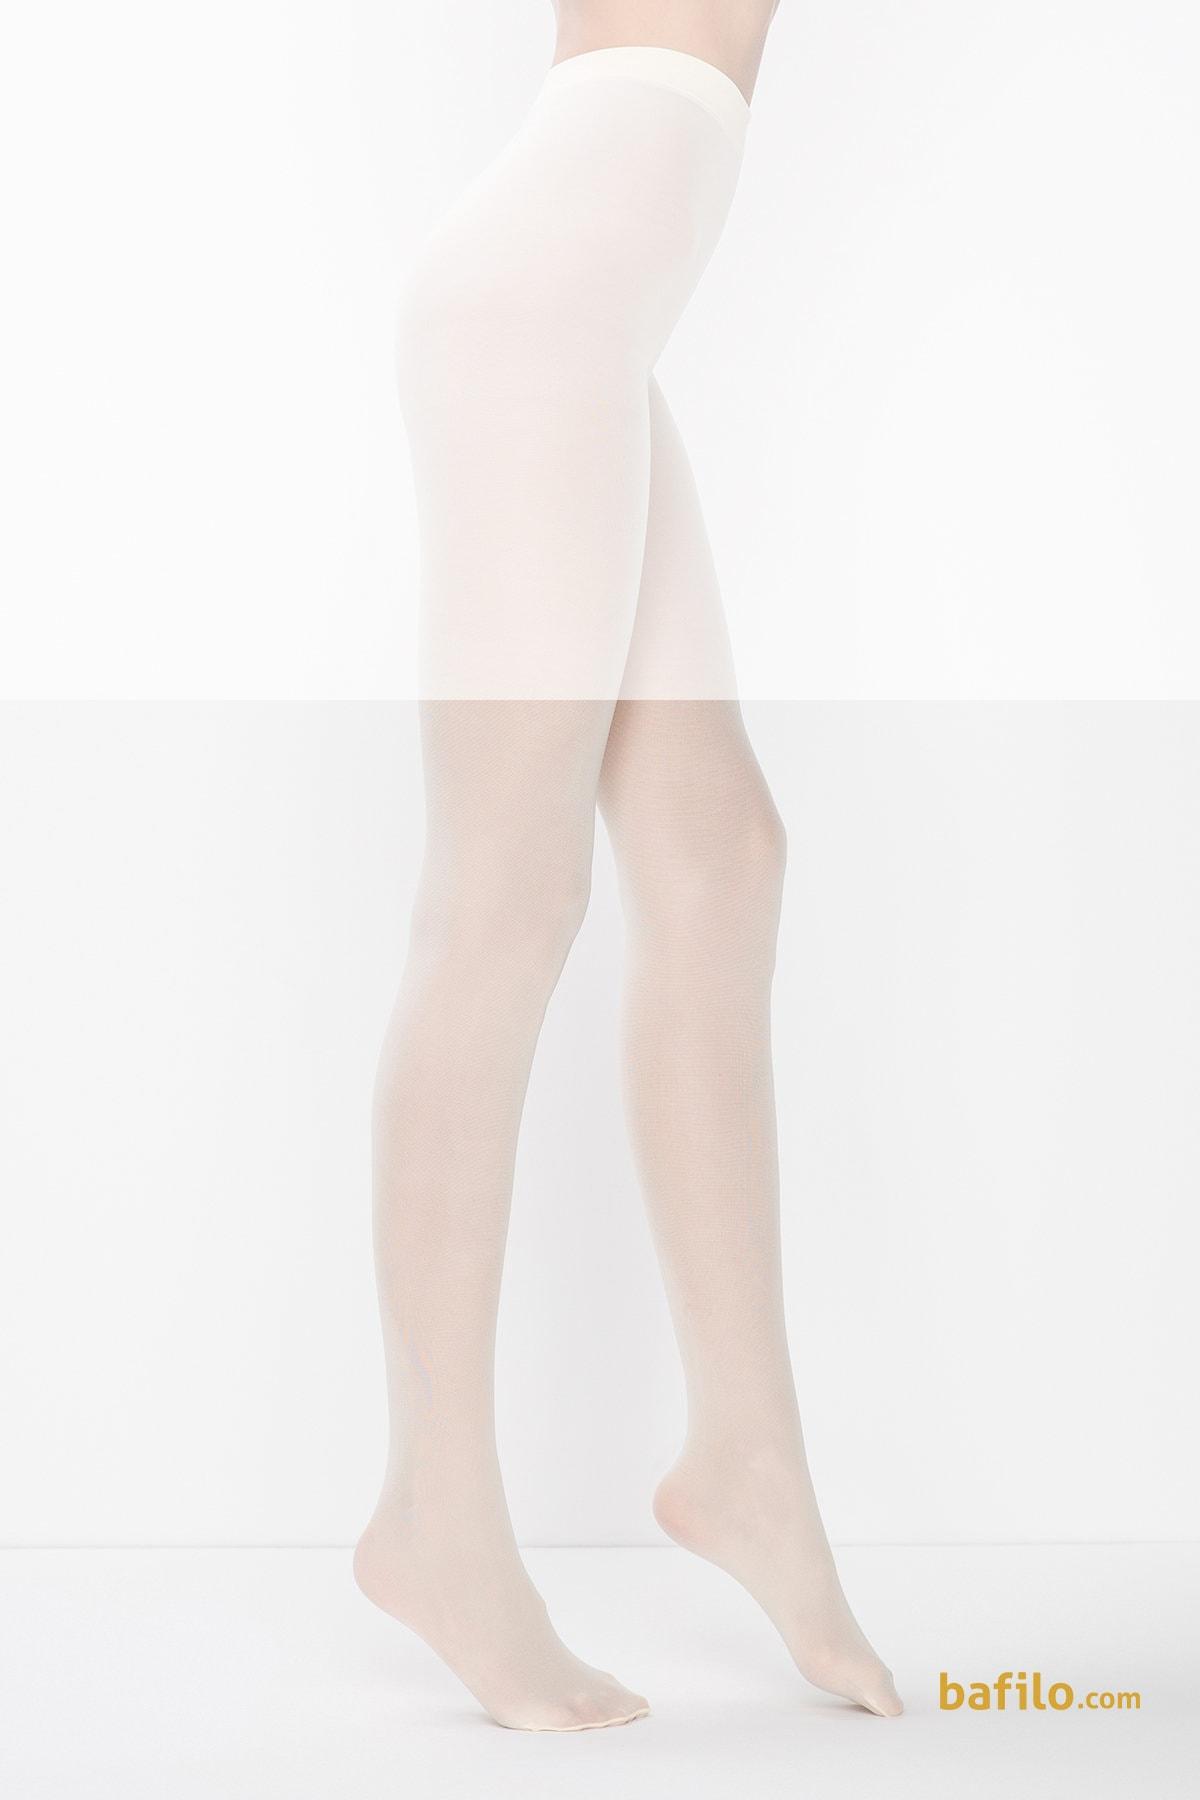 جوراب شلواری زنانه پنتی Mikro 40 وانیلی